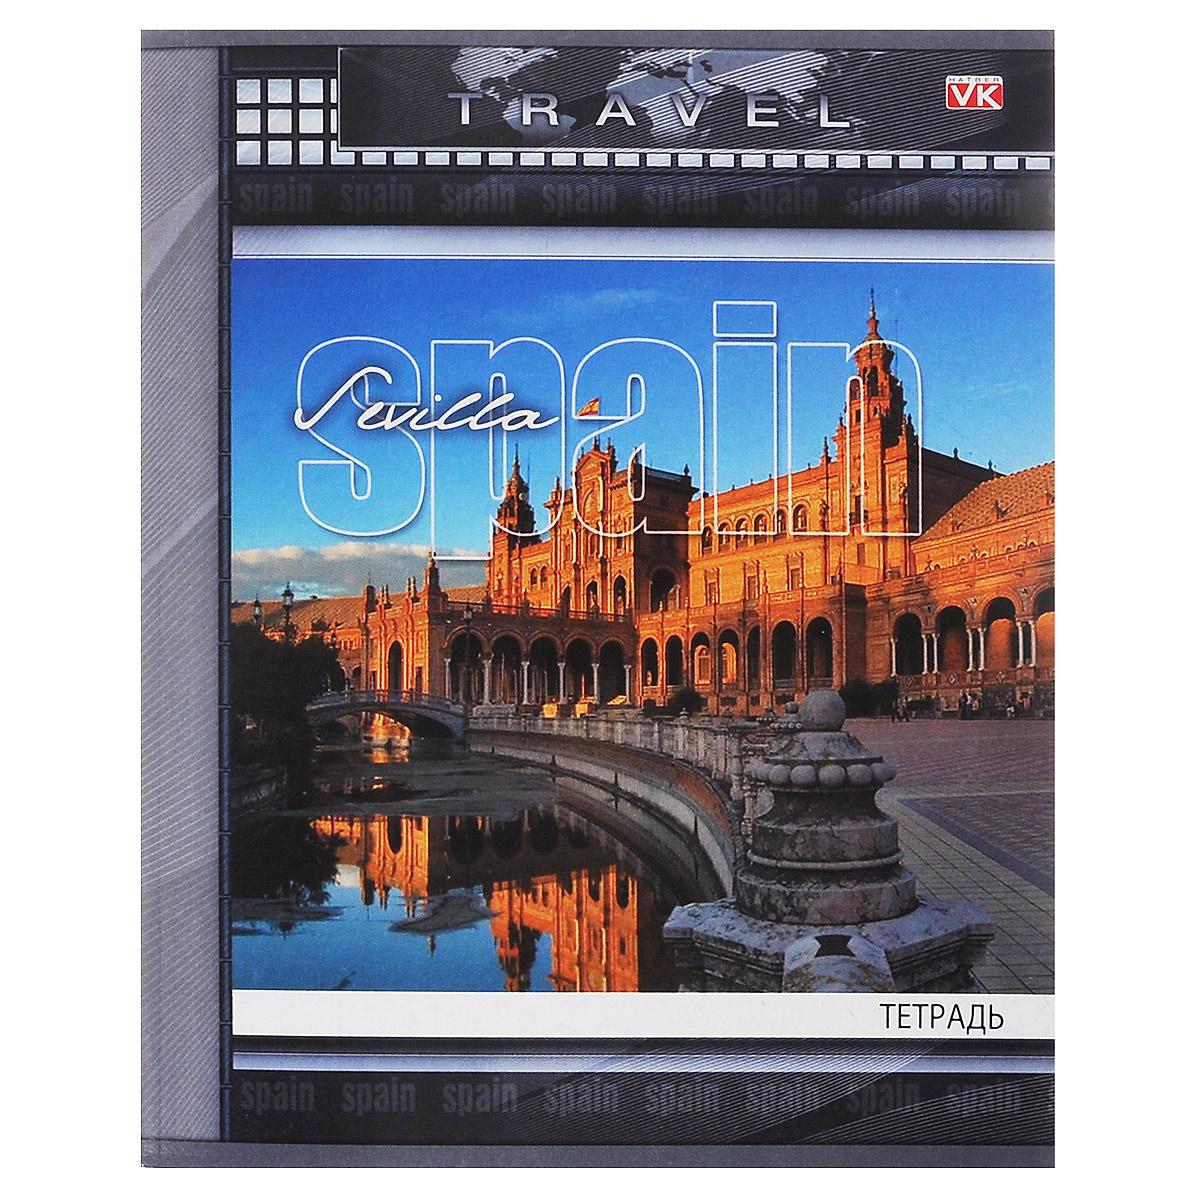 Тетрадь Hatber Travel. Spain, 96 листов72523WDРабочая тетрадь Travel. Spain в клетку содержит 96 листов, на каждом их которых есть клеточка на скобе. Отлично подойдет для занятий не только школьнику, но и студенту. Тетрадь удобна как для учебы, так и для работы.